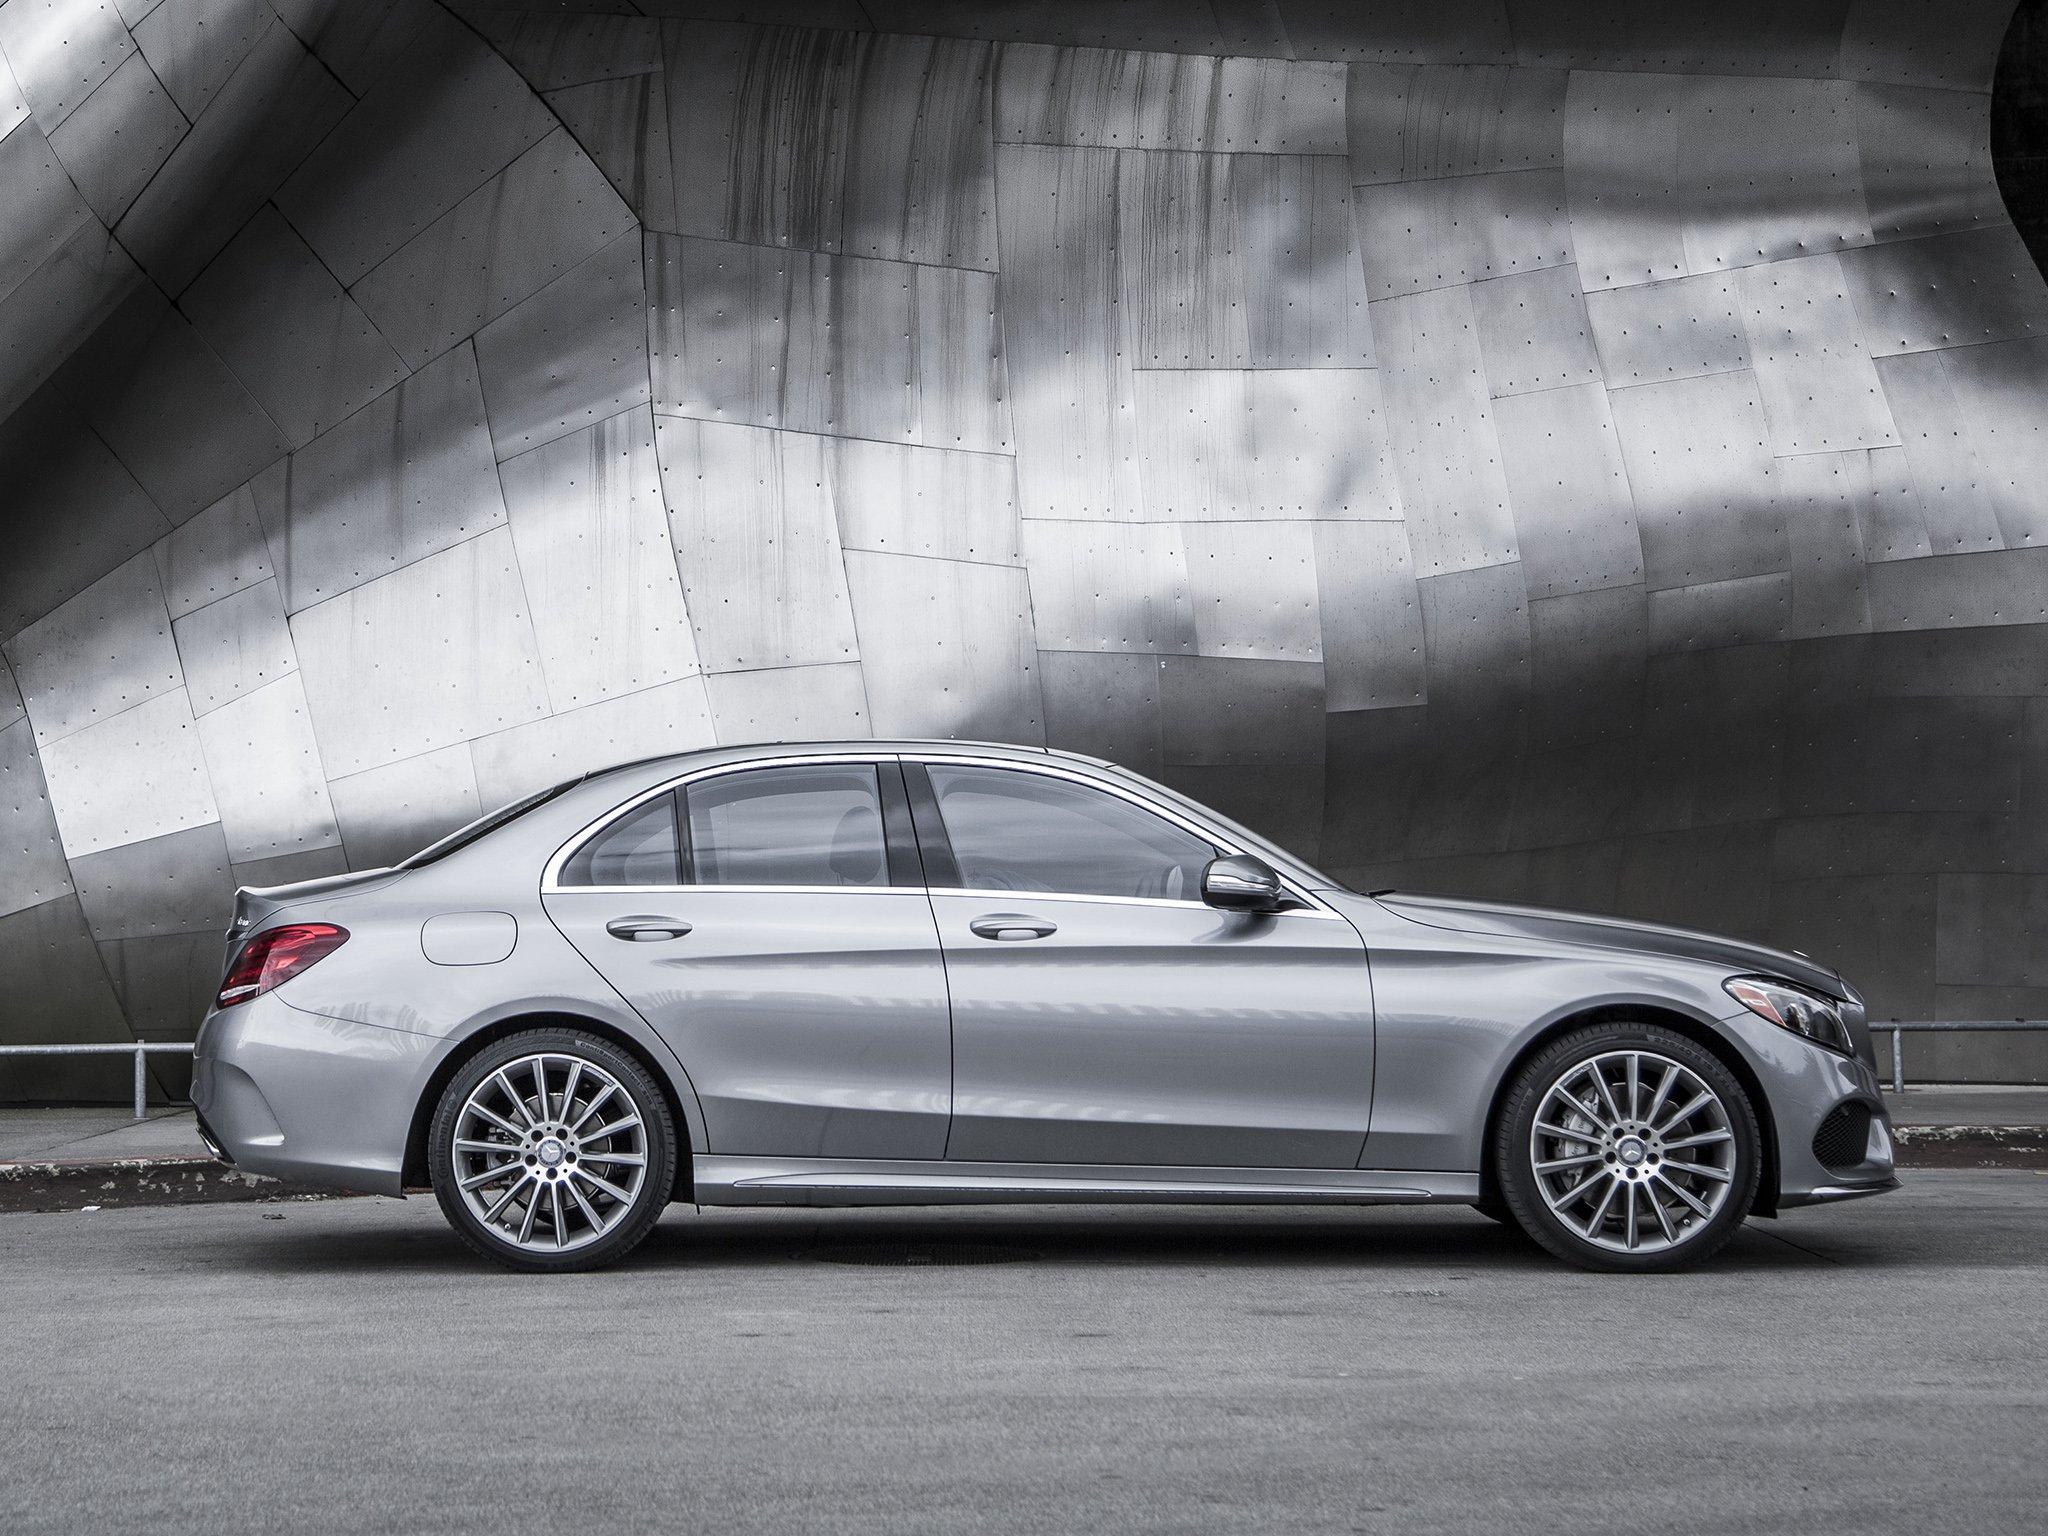 2015 mercedes benz c300 4matic amg us spec w205 300 for Mercedes benz c300 4matic 2015